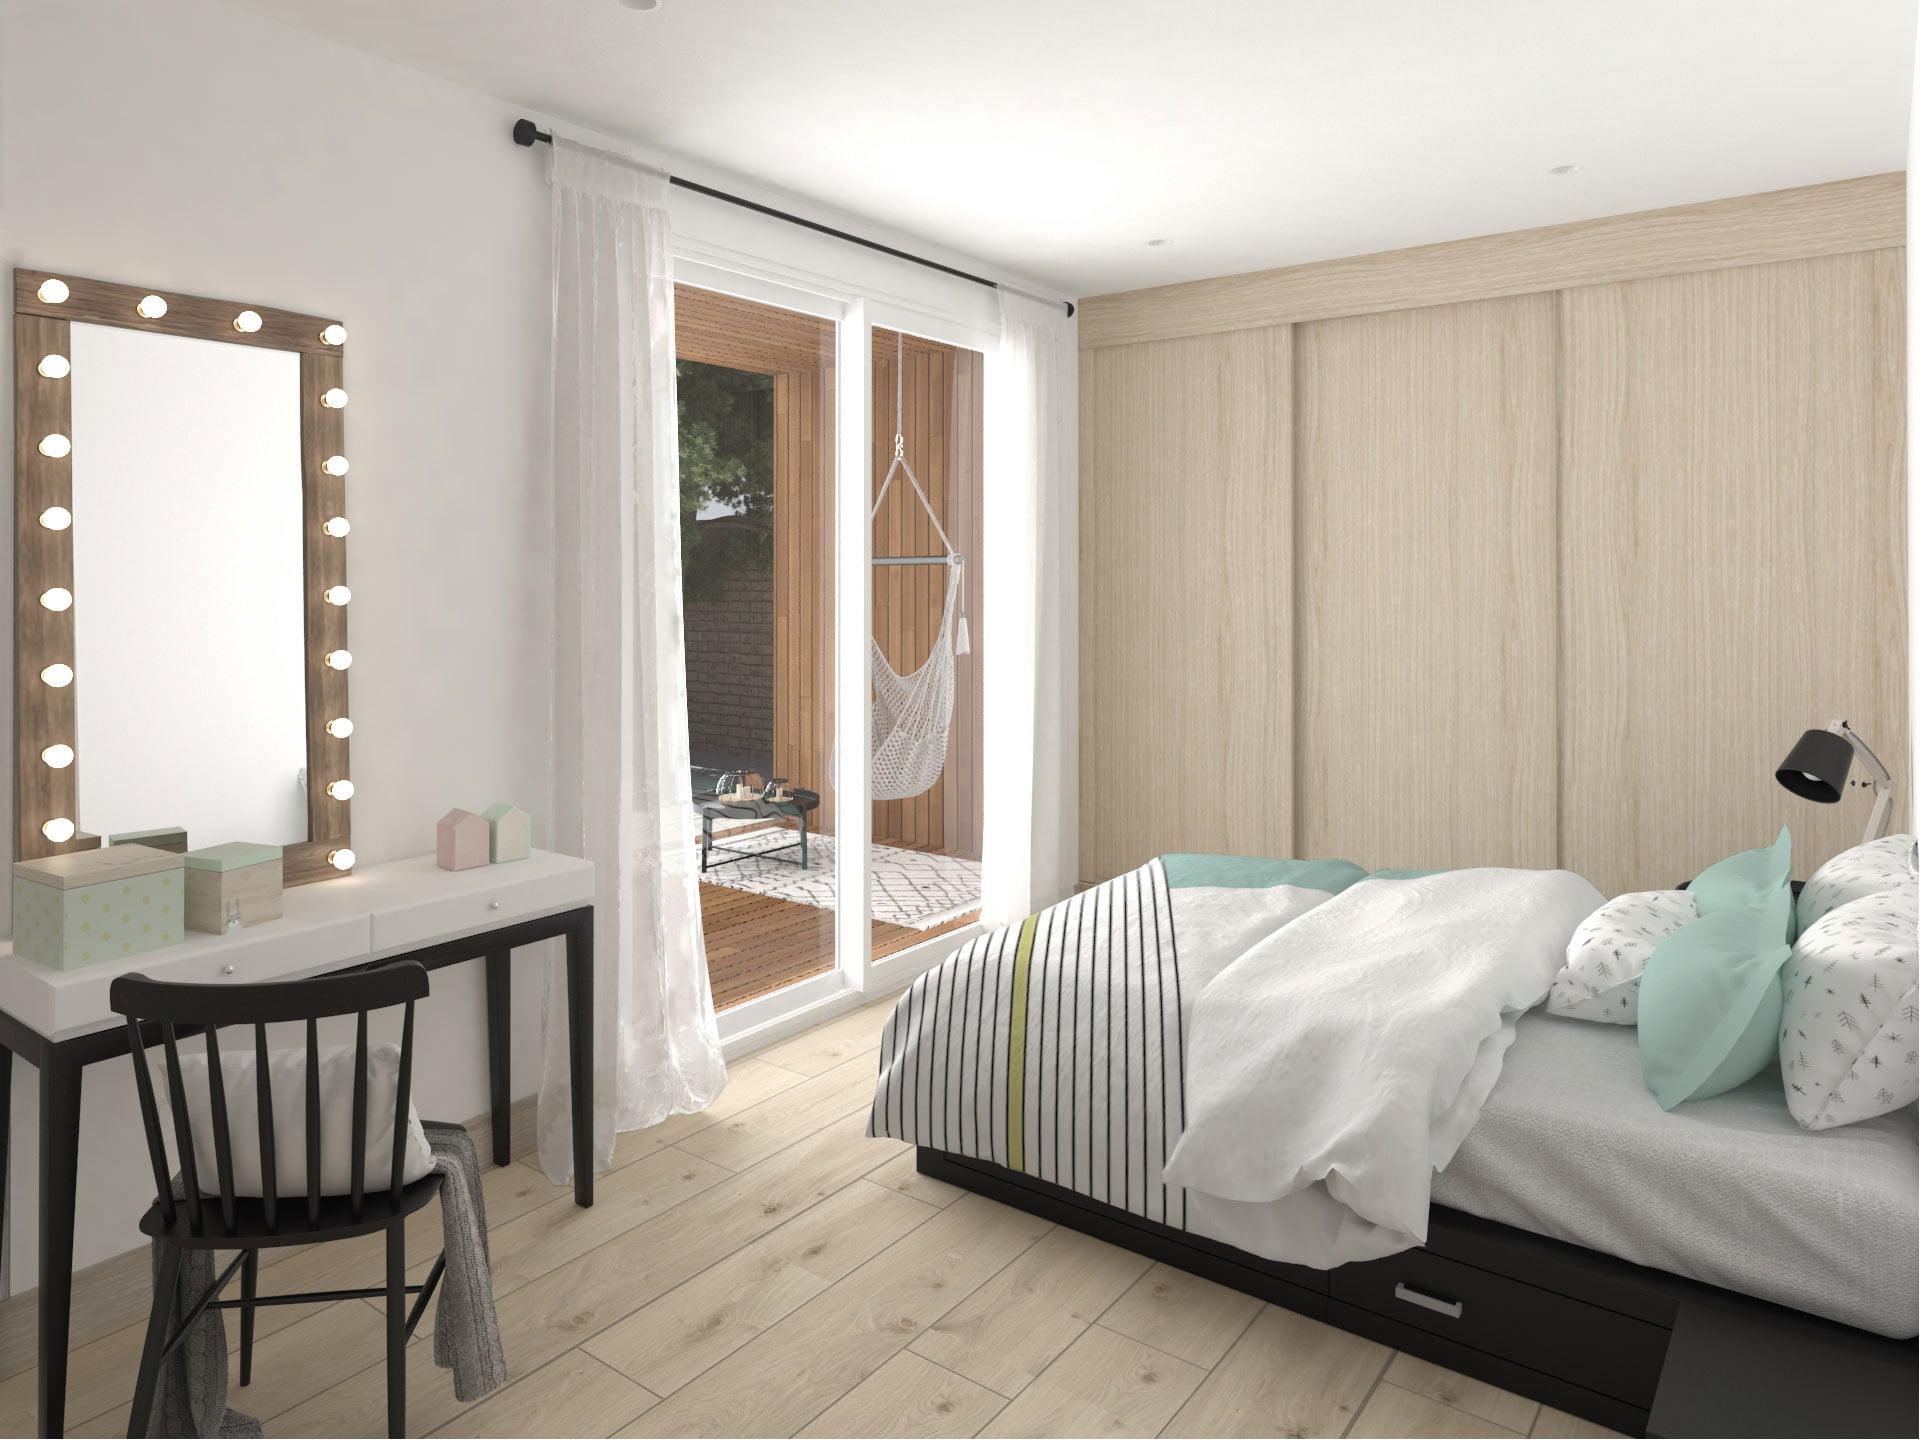 dormitorio Casa prefabricada Aura. Atlántida Homes